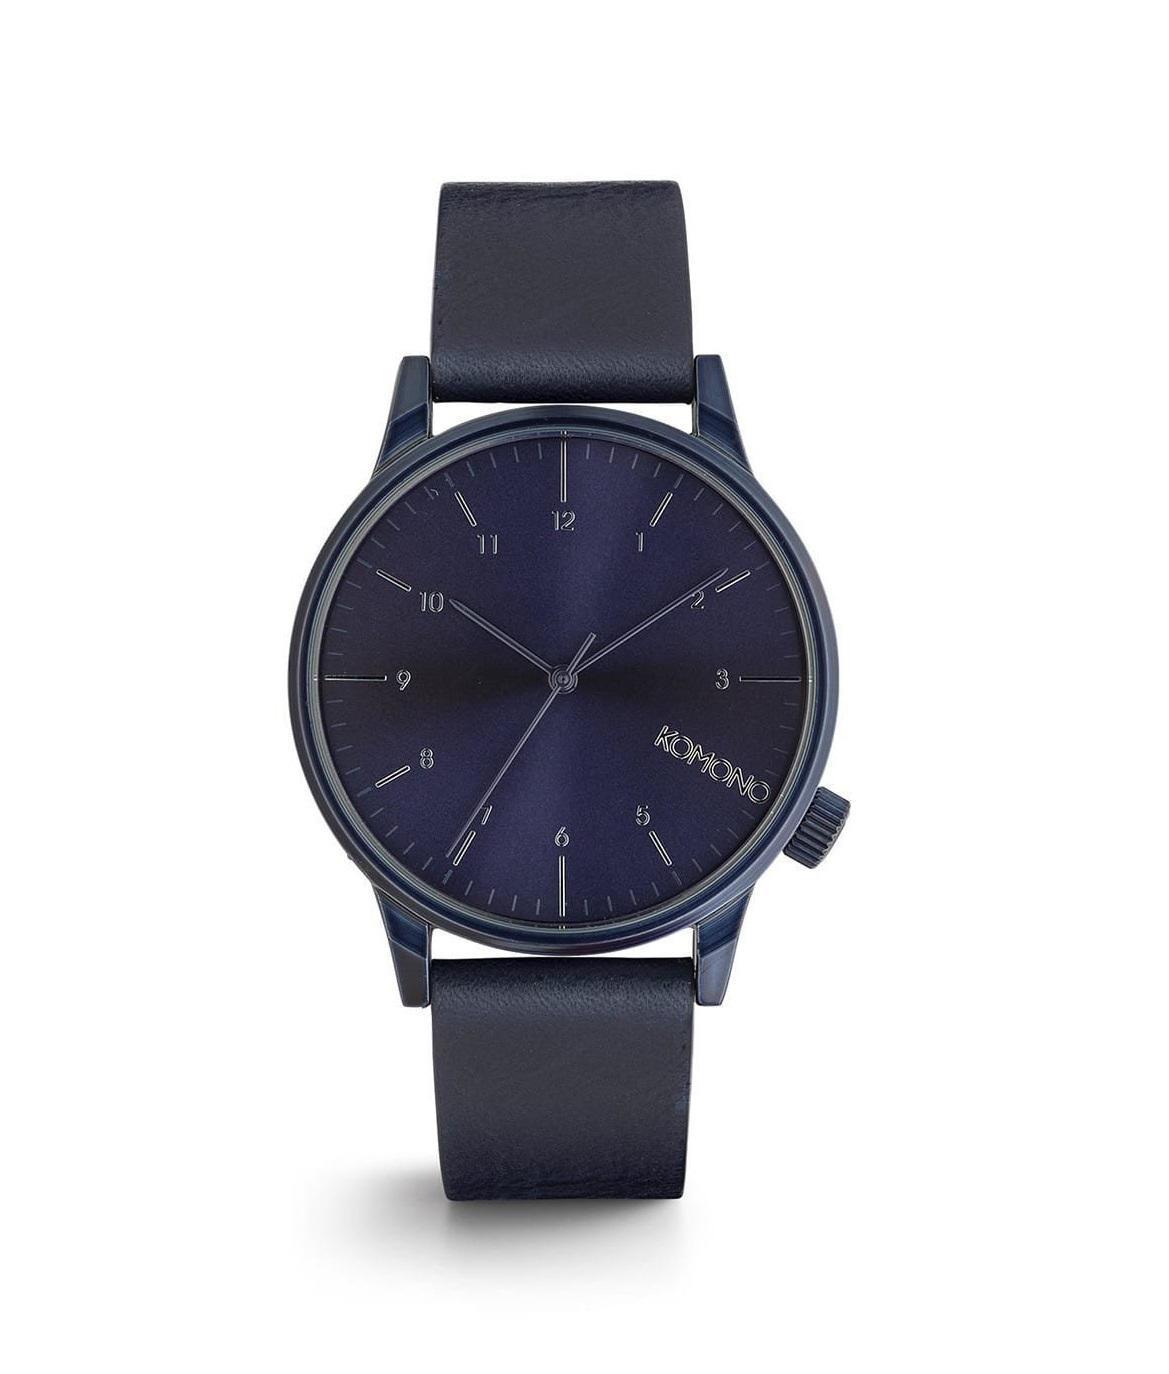 Komono Pánské hodinky Komono Winston Regal All Blue, modrá barva, kov, kůže